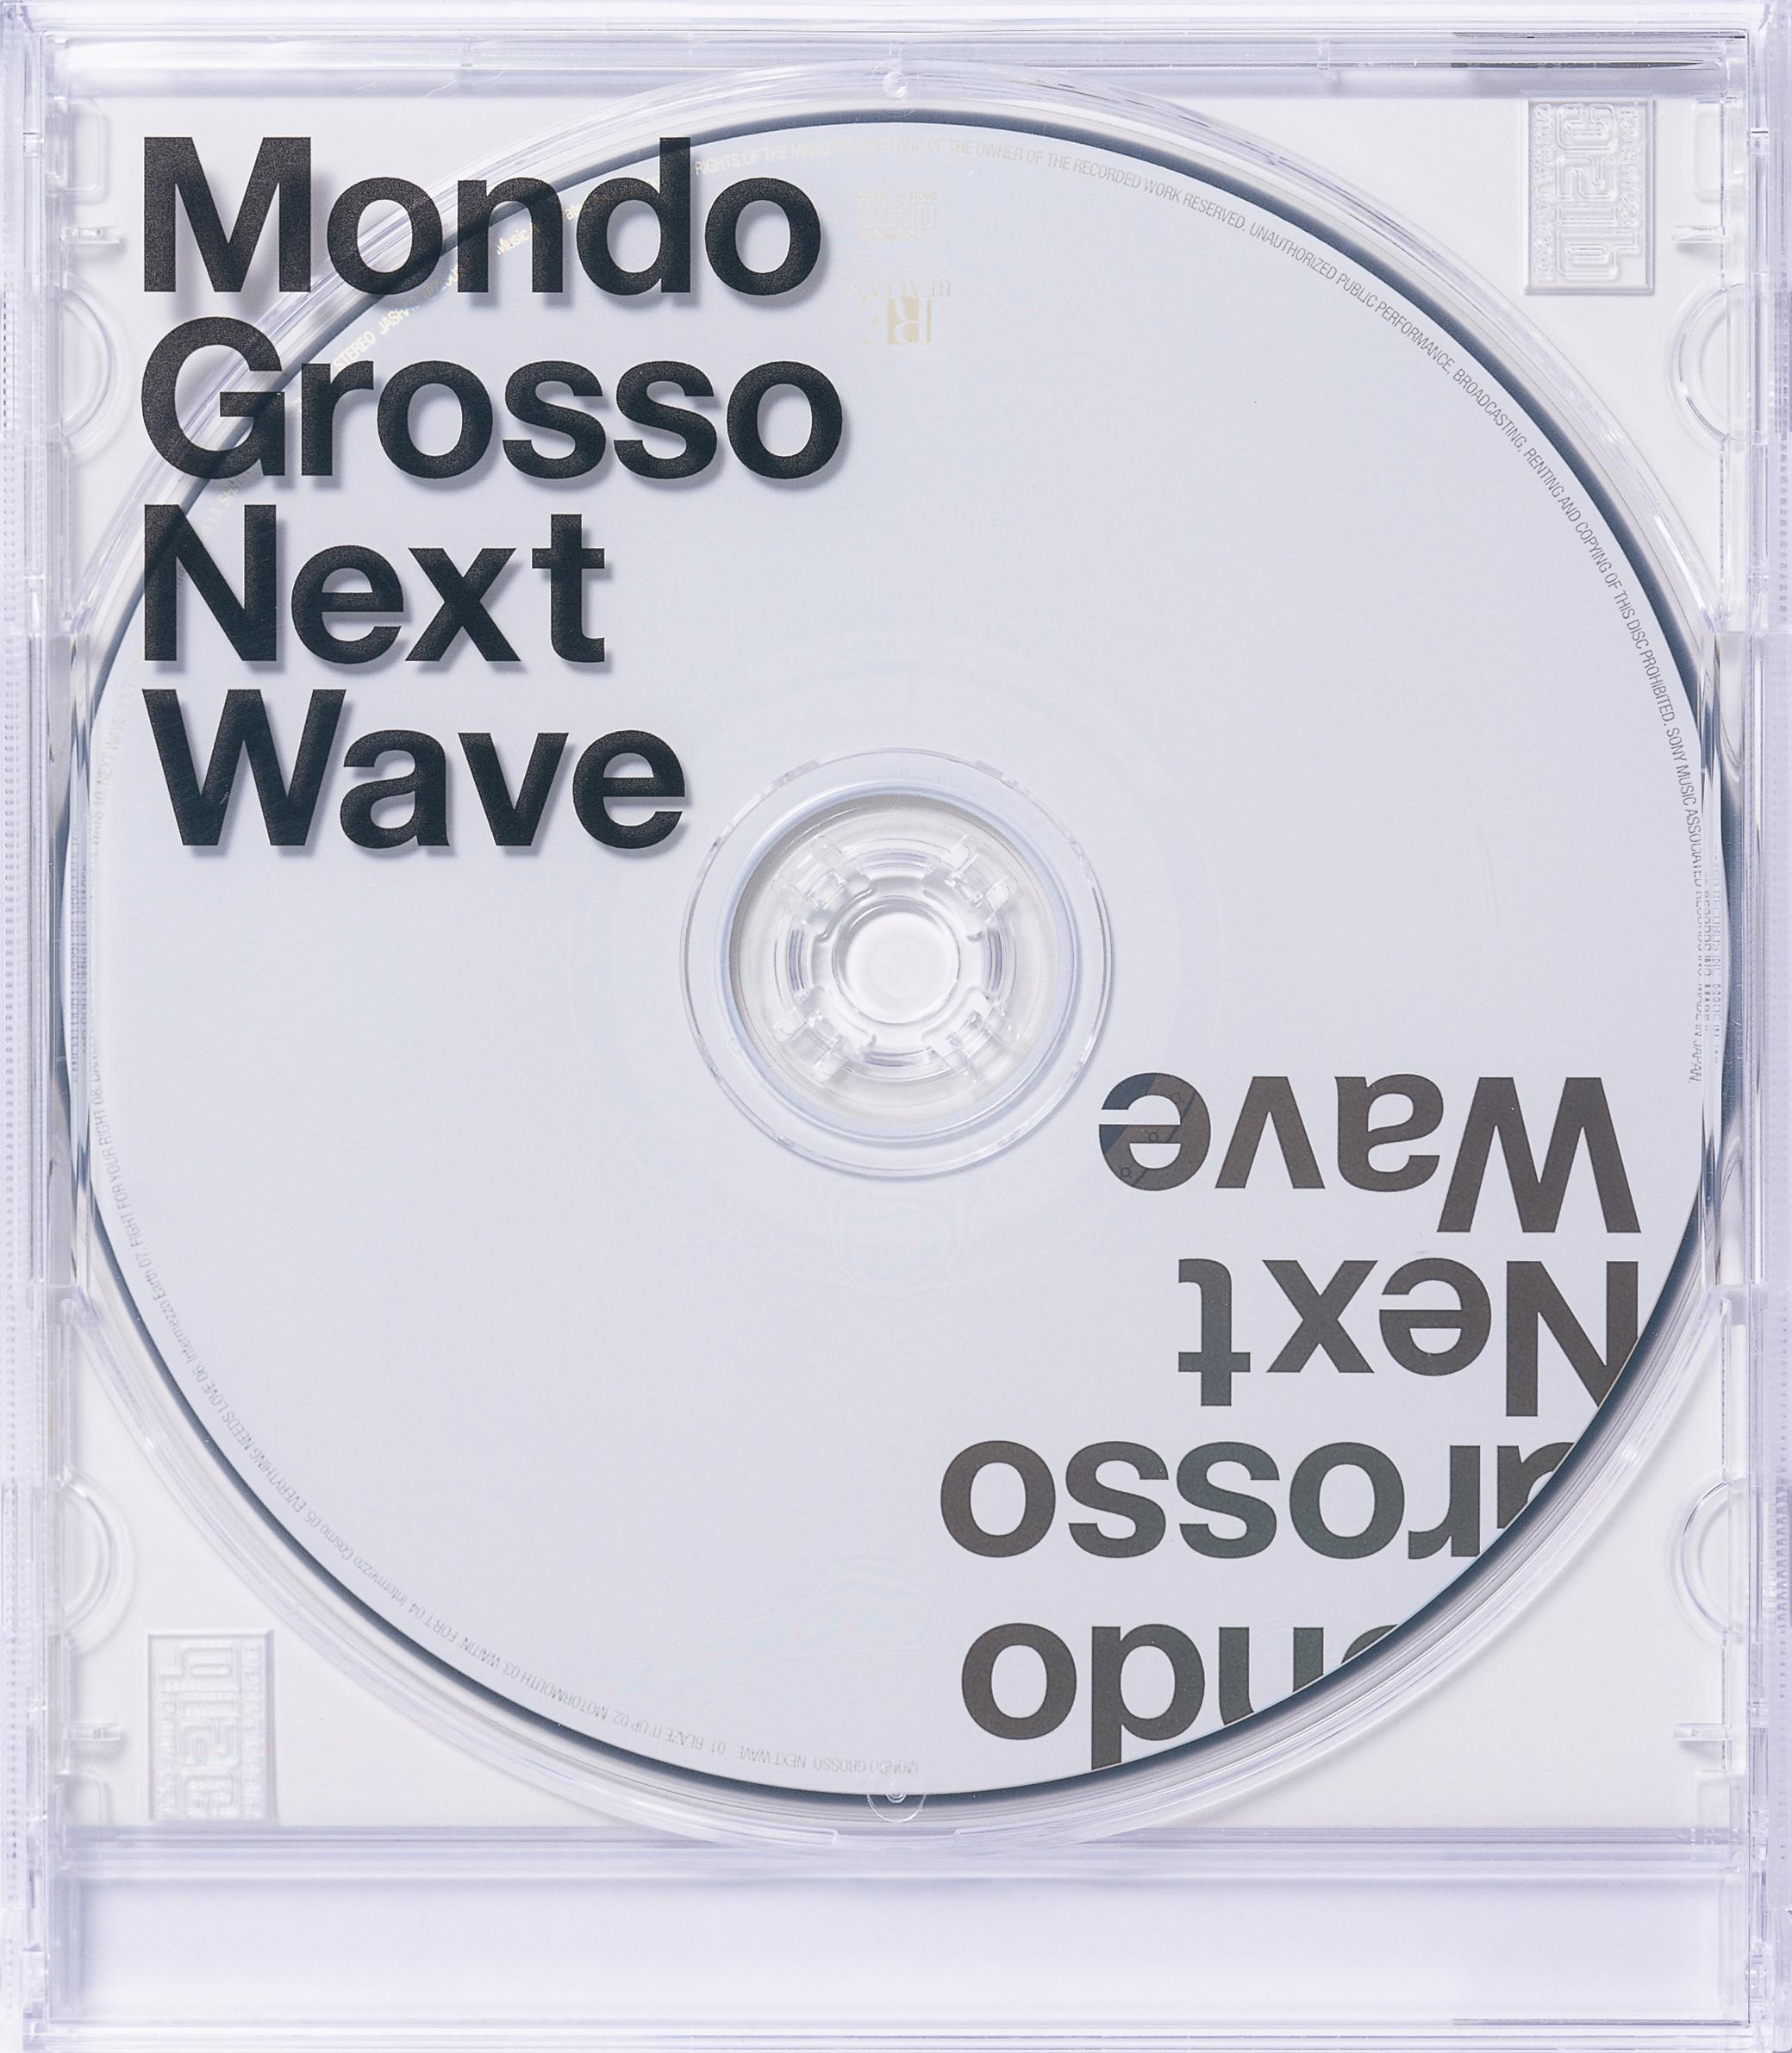 MONDO GROSSO 「Next Wave」